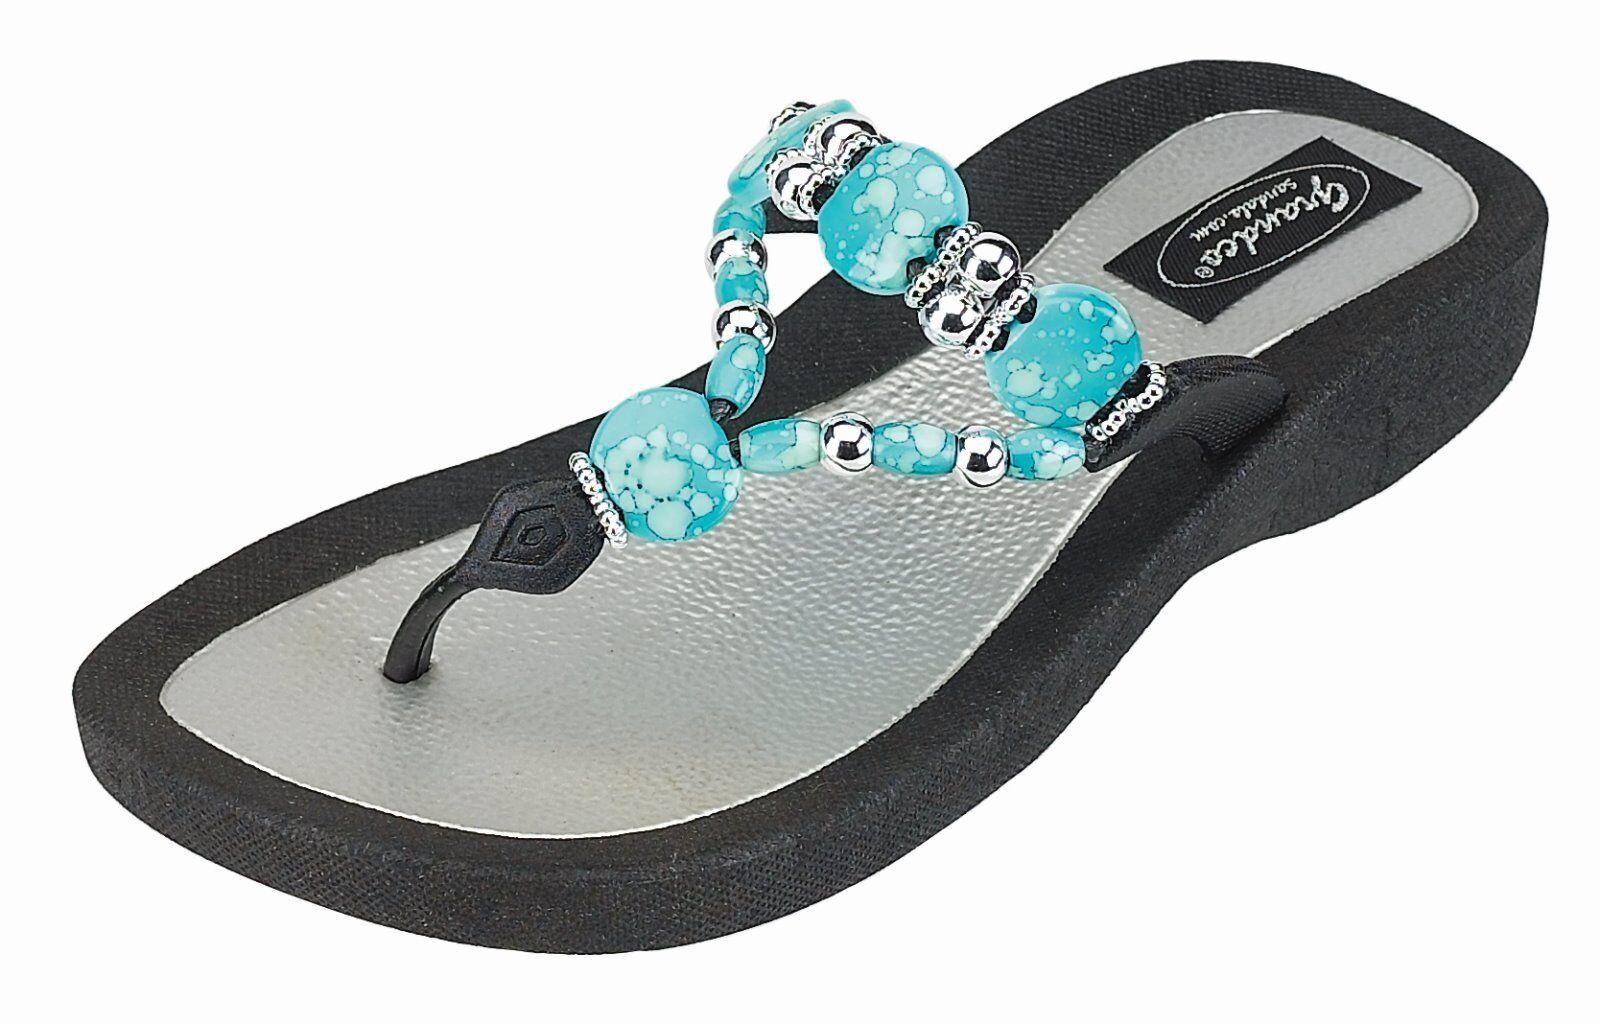 Mr/Ms Comfortable grandco triumph black sandal Comfortable Mr/Ms feeling Impeccable Non-slip a4b591